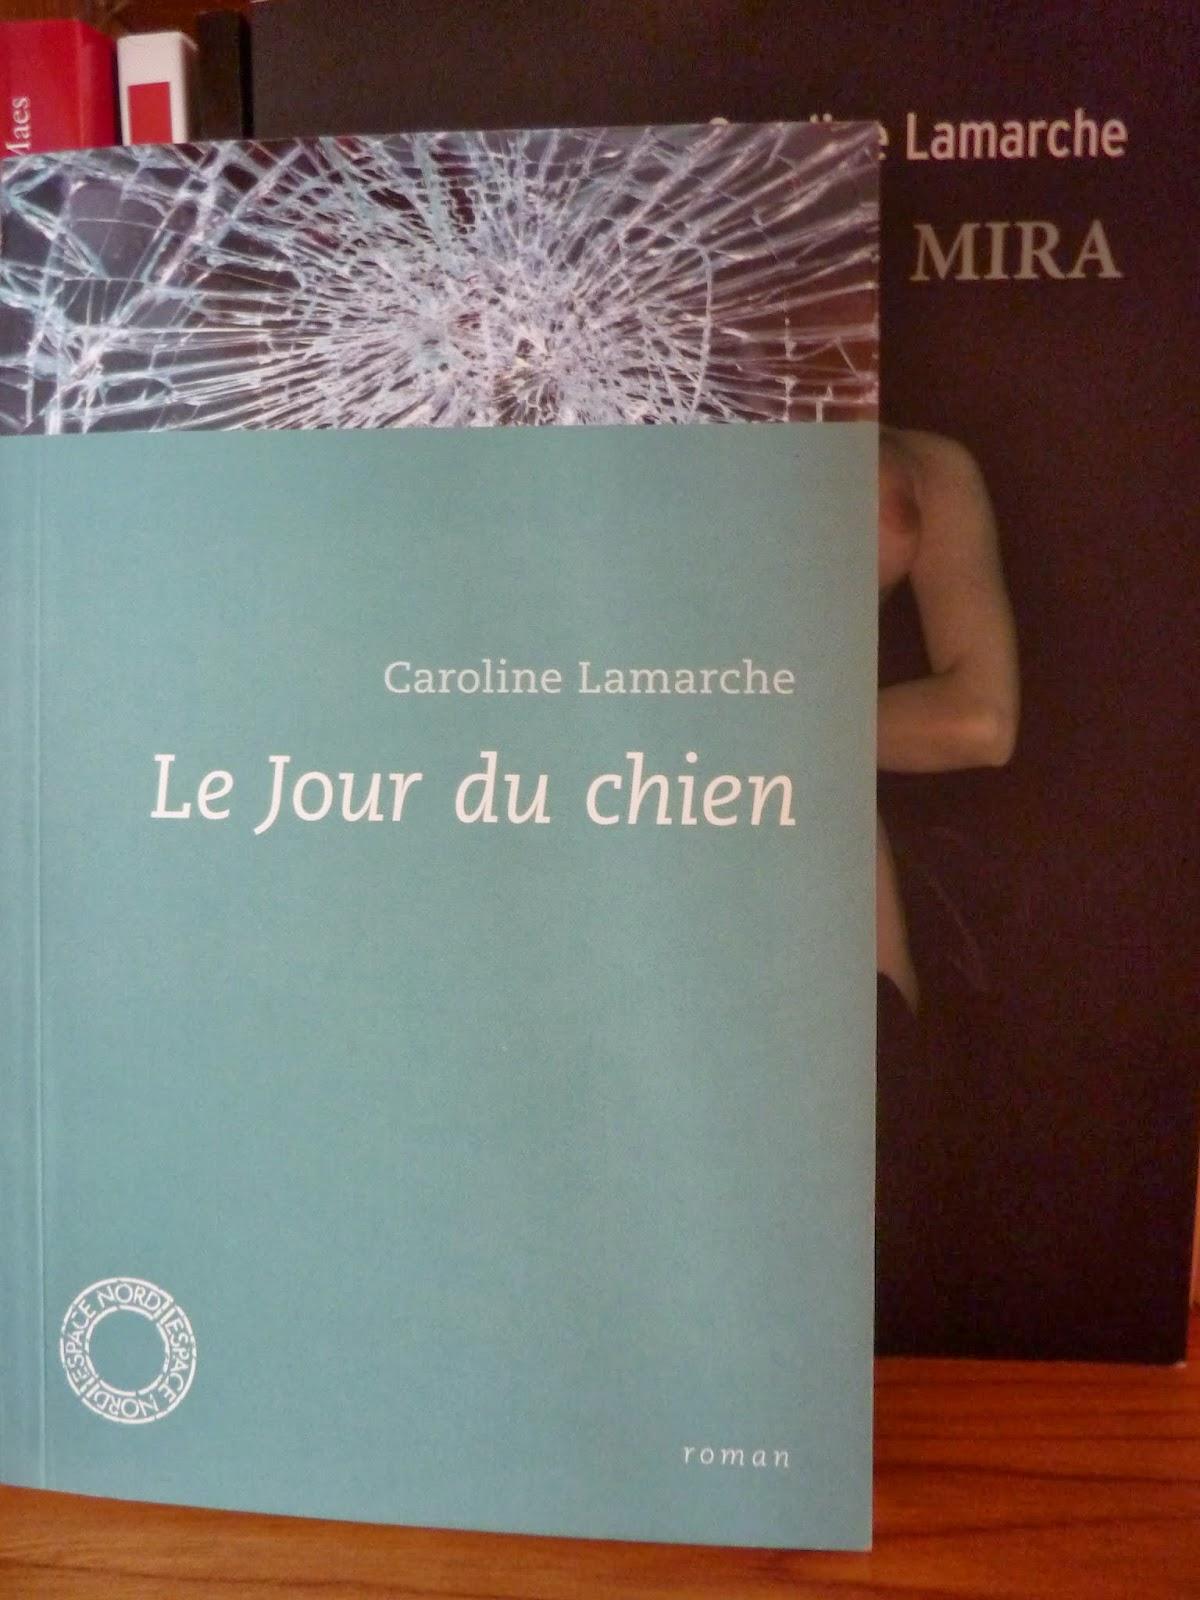 Le jour du chien - Caroline Lamarche